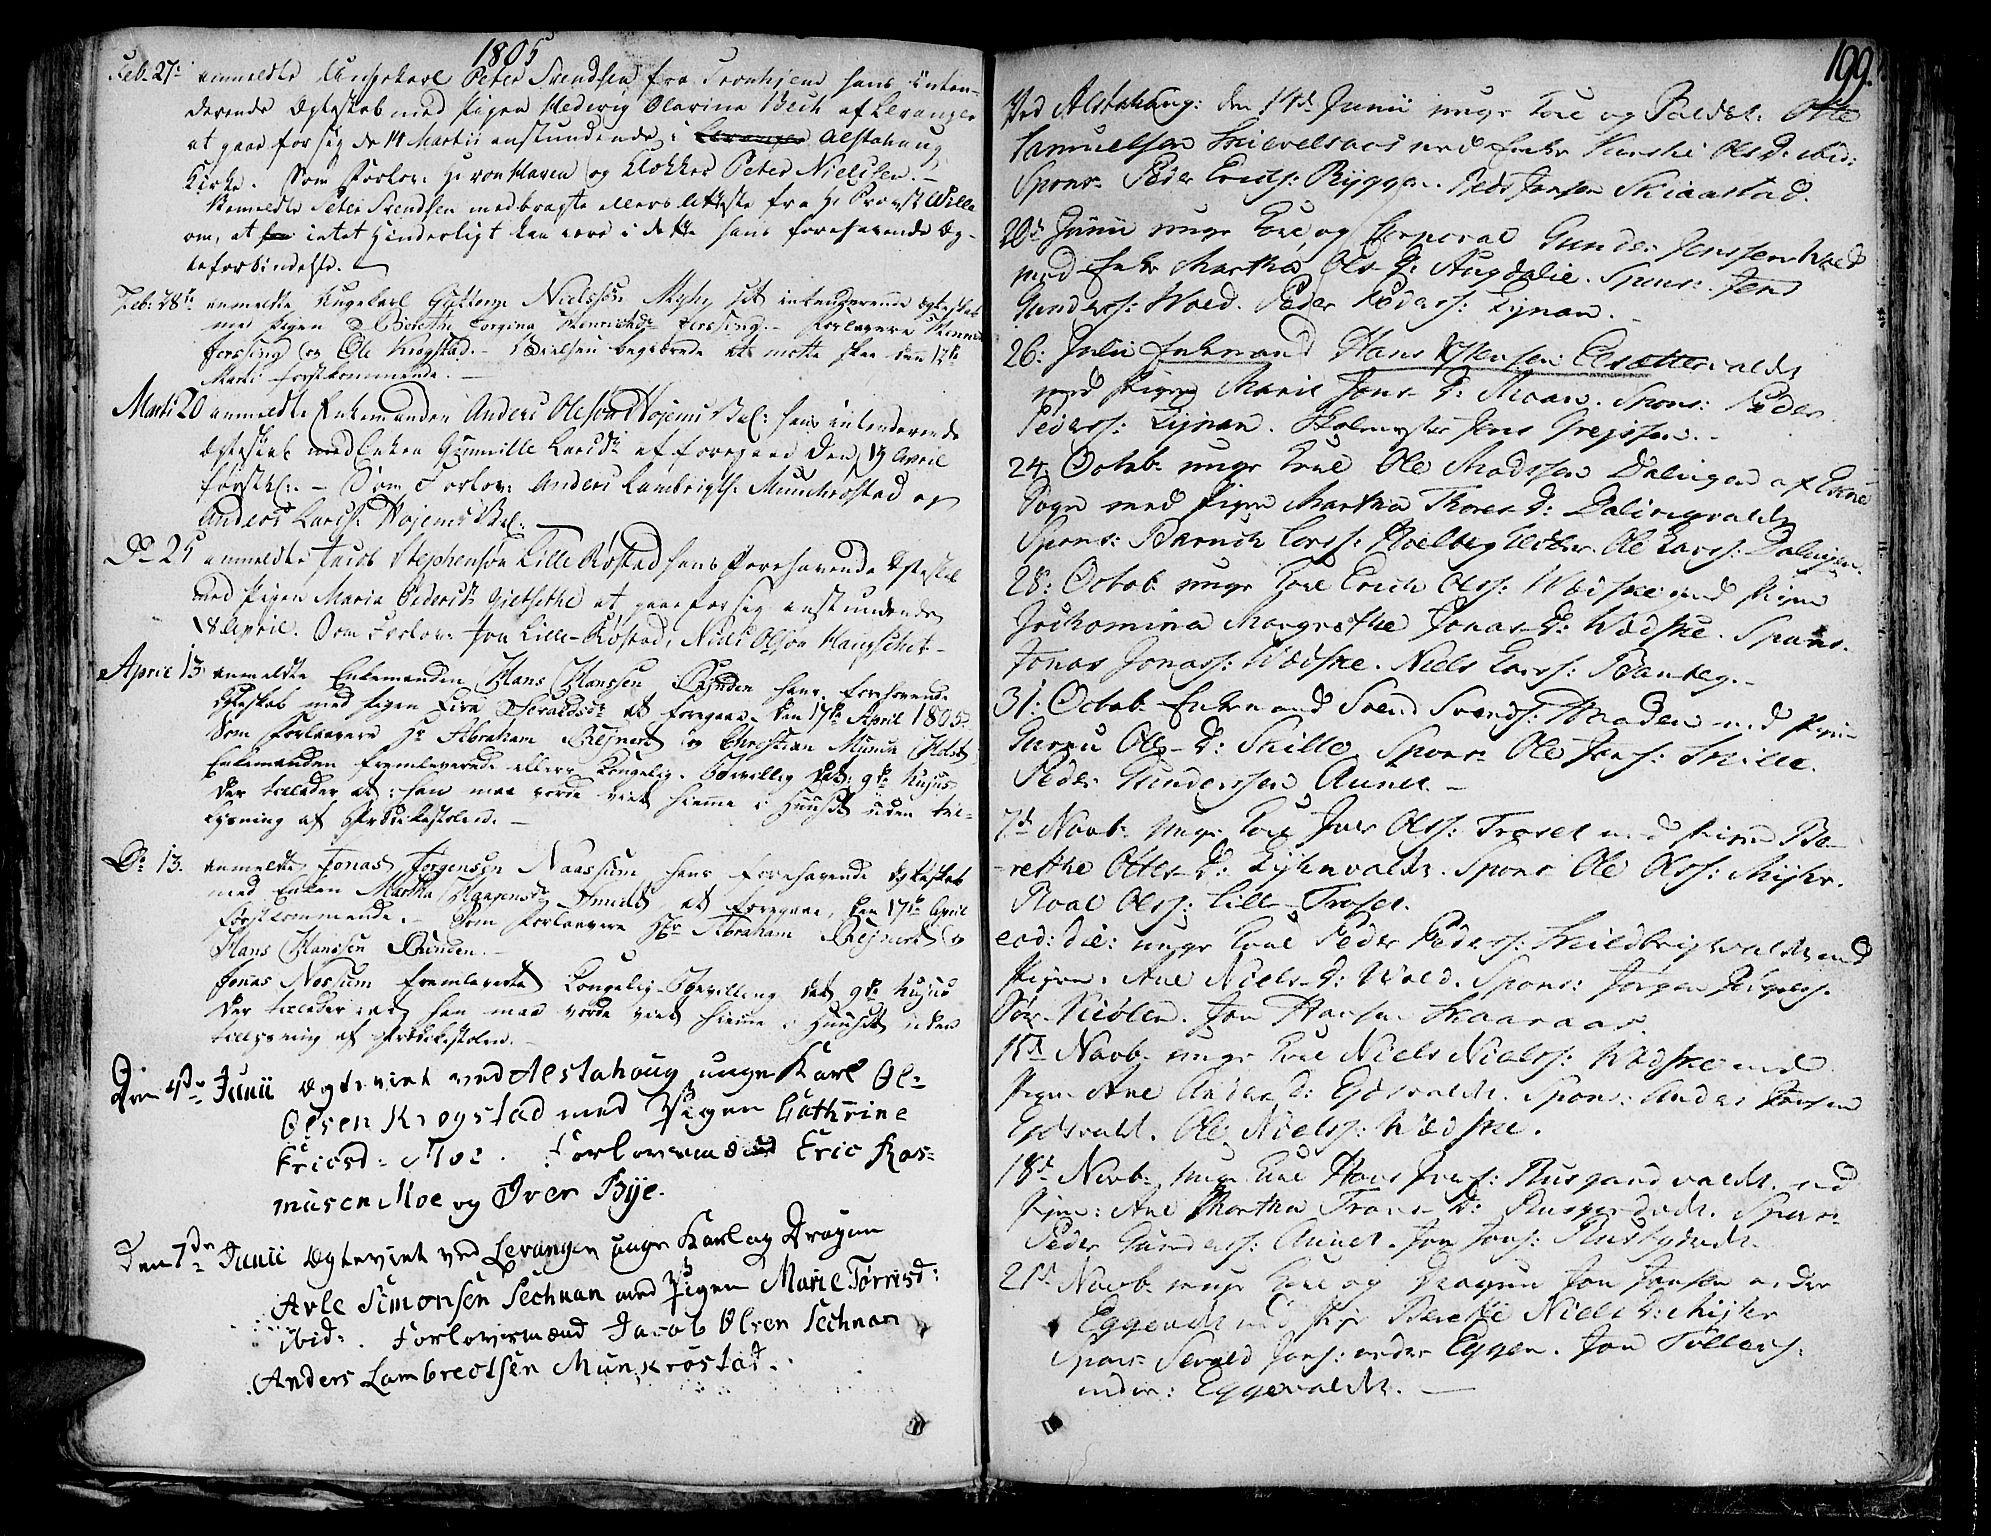 SAT, Ministerialprotokoller, klokkerbøker og fødselsregistre - Nord-Trøndelag, 717/L0142: Ministerialbok nr. 717A02 /1, 1783-1809, s. 199